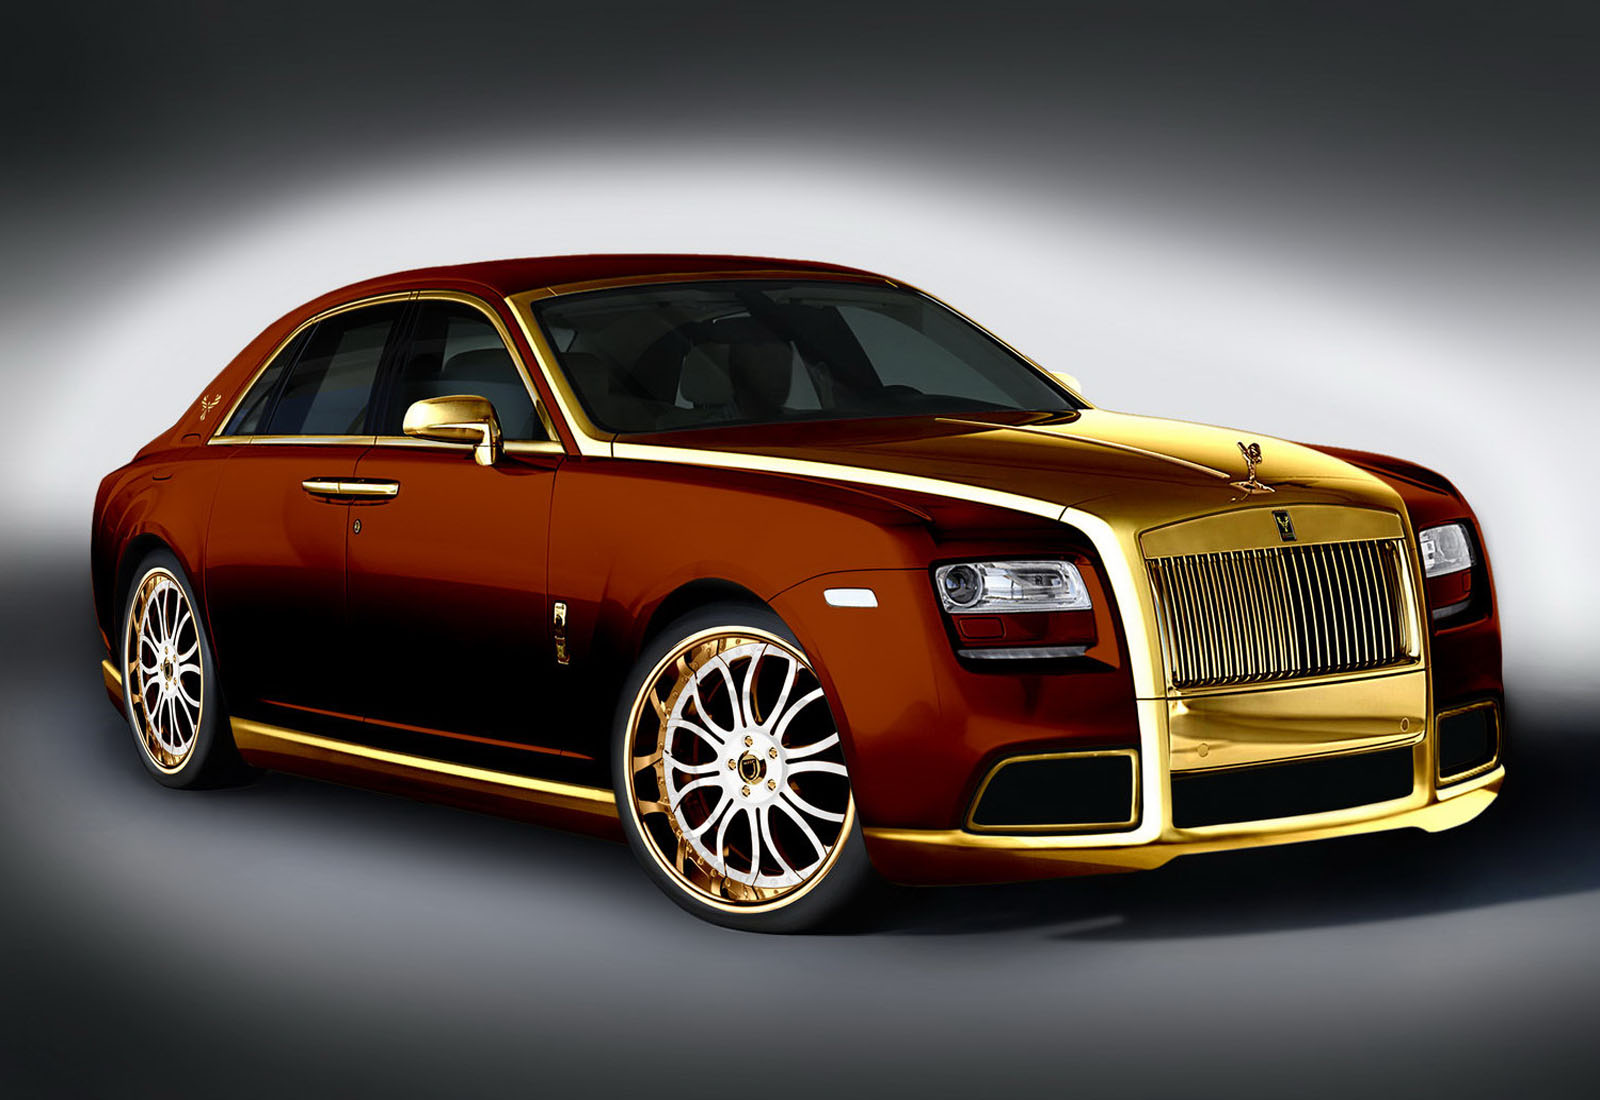 Fenice Milano Rolls Royce Ghost Diva